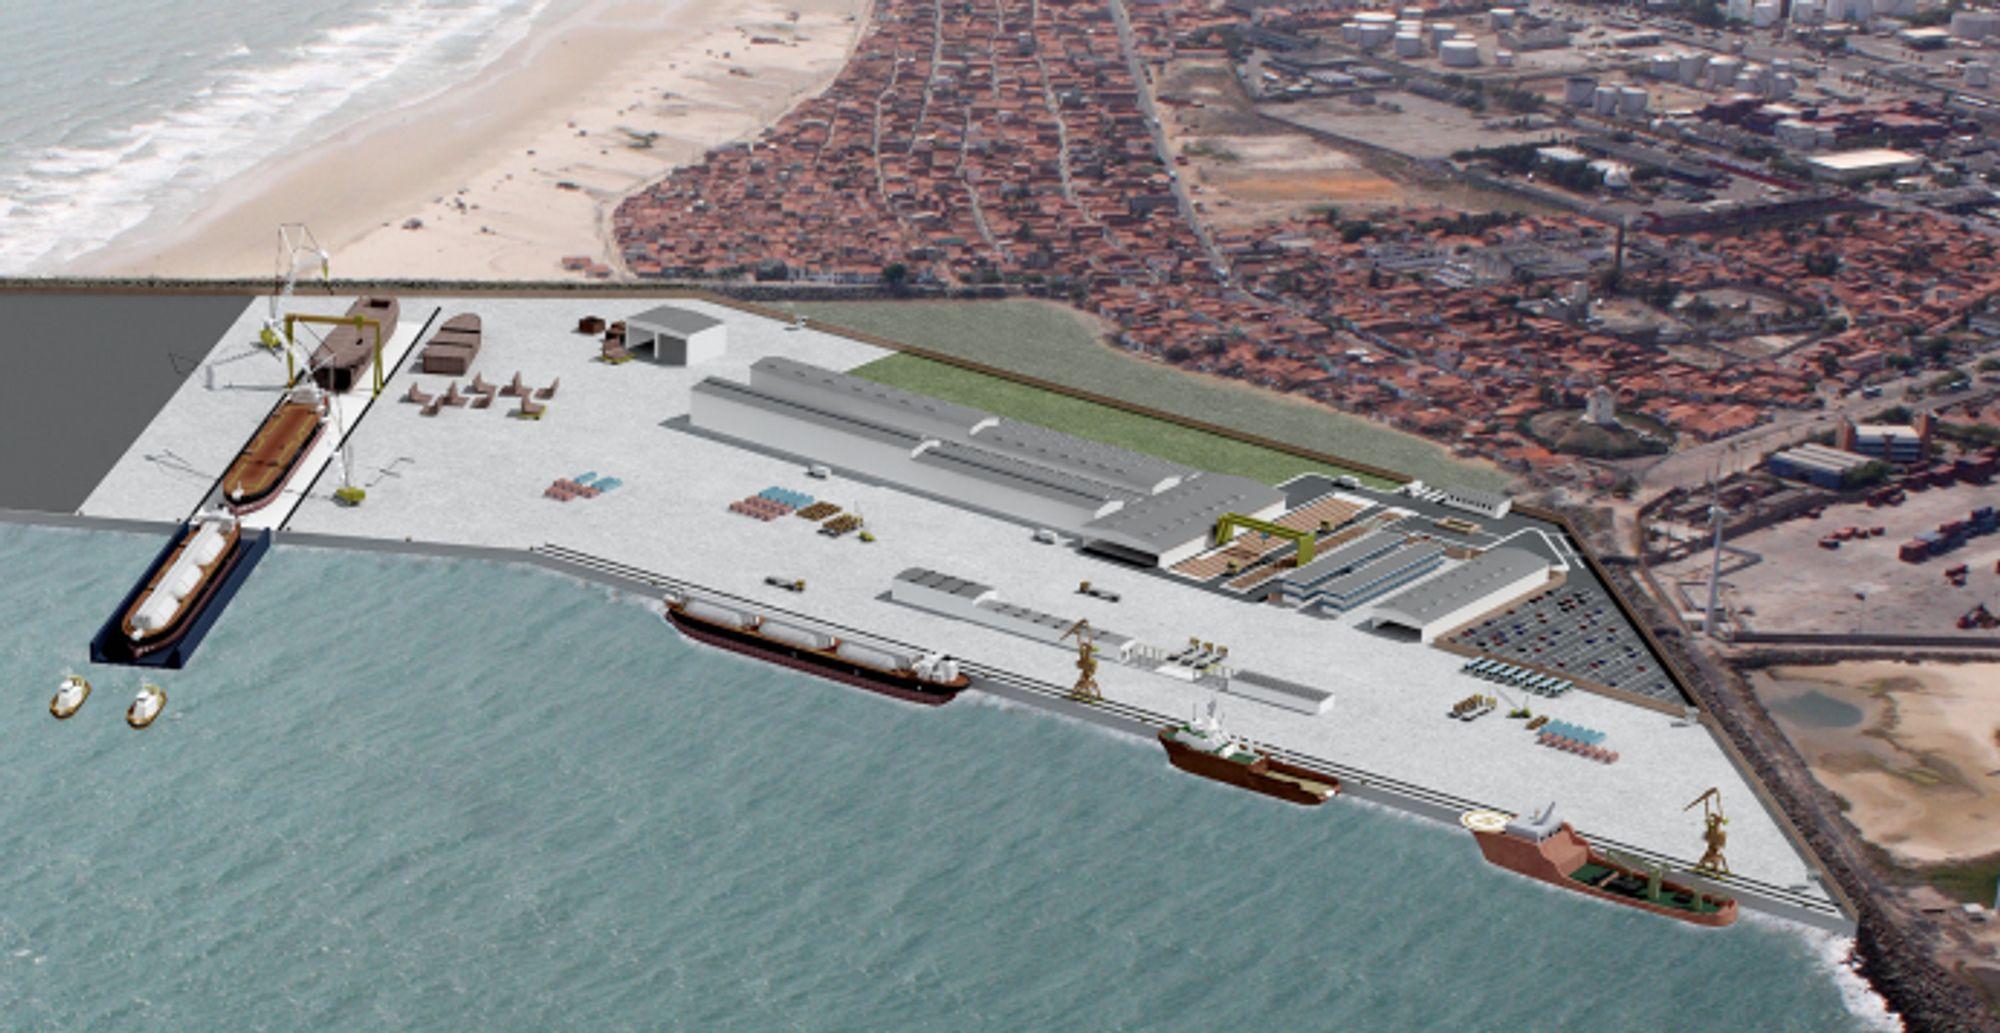 NYTT VERFT: STX Norway Offshore og brasilianske PJMR skal bruke 100 millioner dollar på et nytt verft for offshoreskip i Ceará i Brasil.